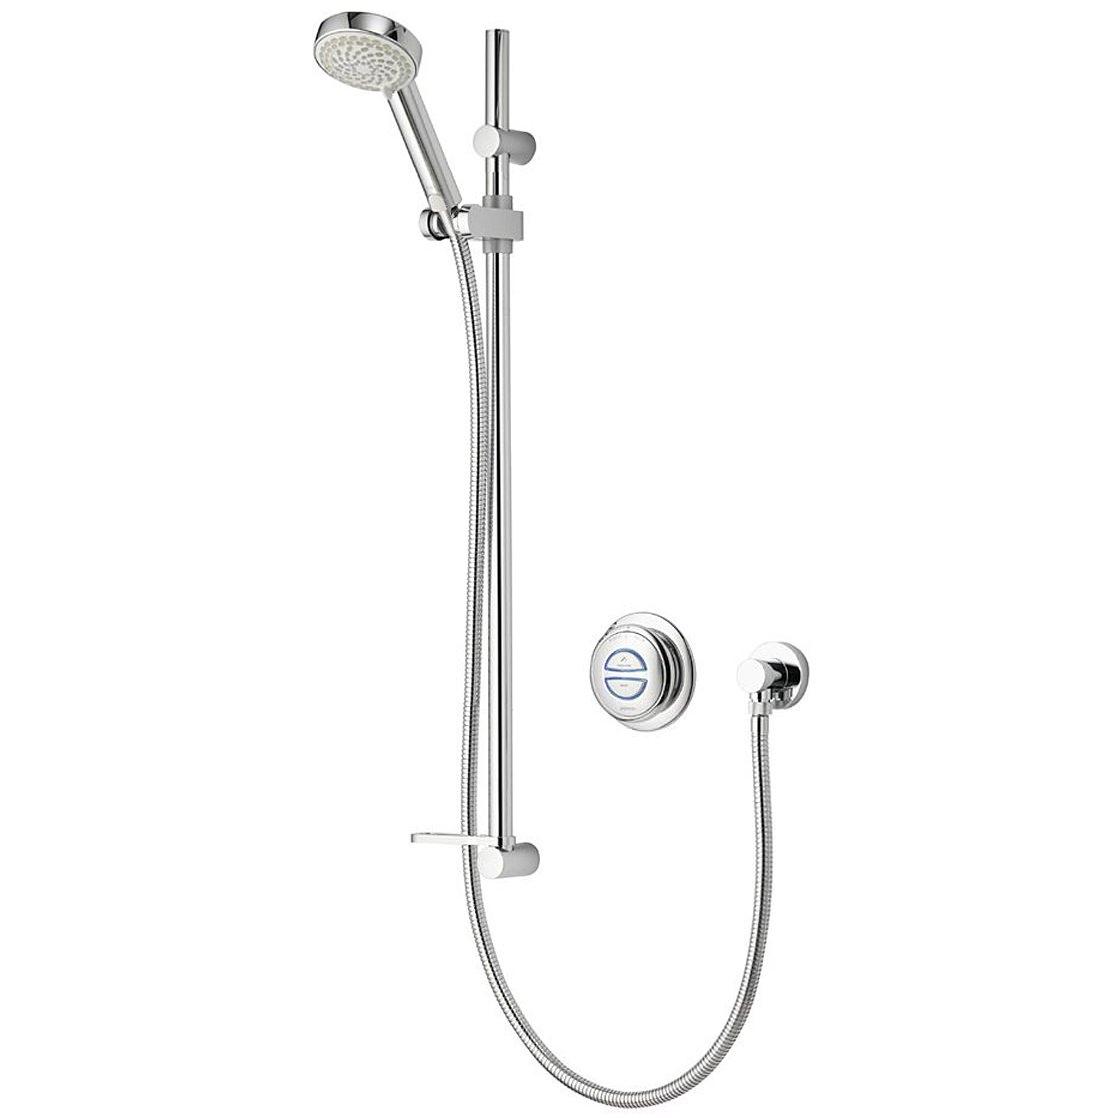 Aqualisa Quartz Concealed Digital Shower Slide Rail Kit